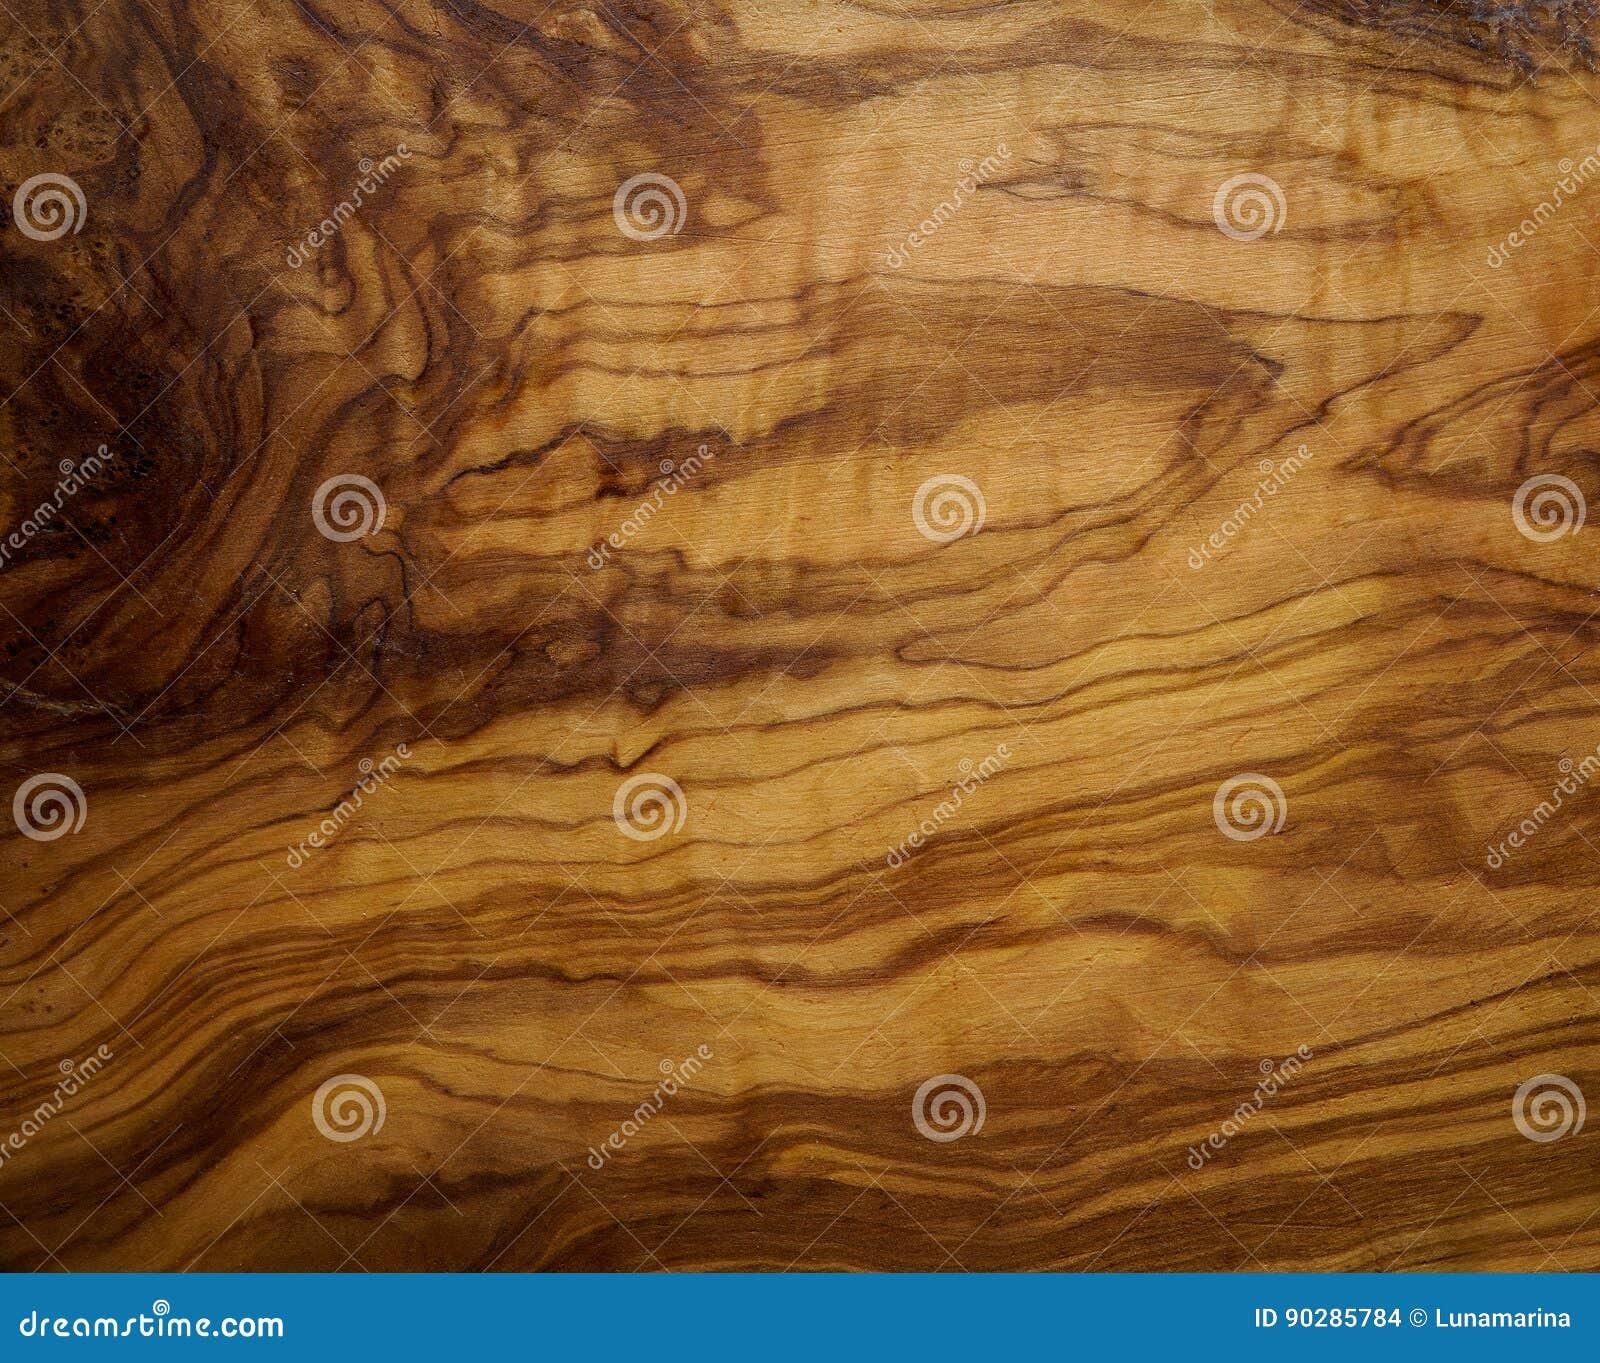 texture en bois d 39 olivier d 39 une table en bois photo stock image du olive mat riau 90285784. Black Bedroom Furniture Sets. Home Design Ideas